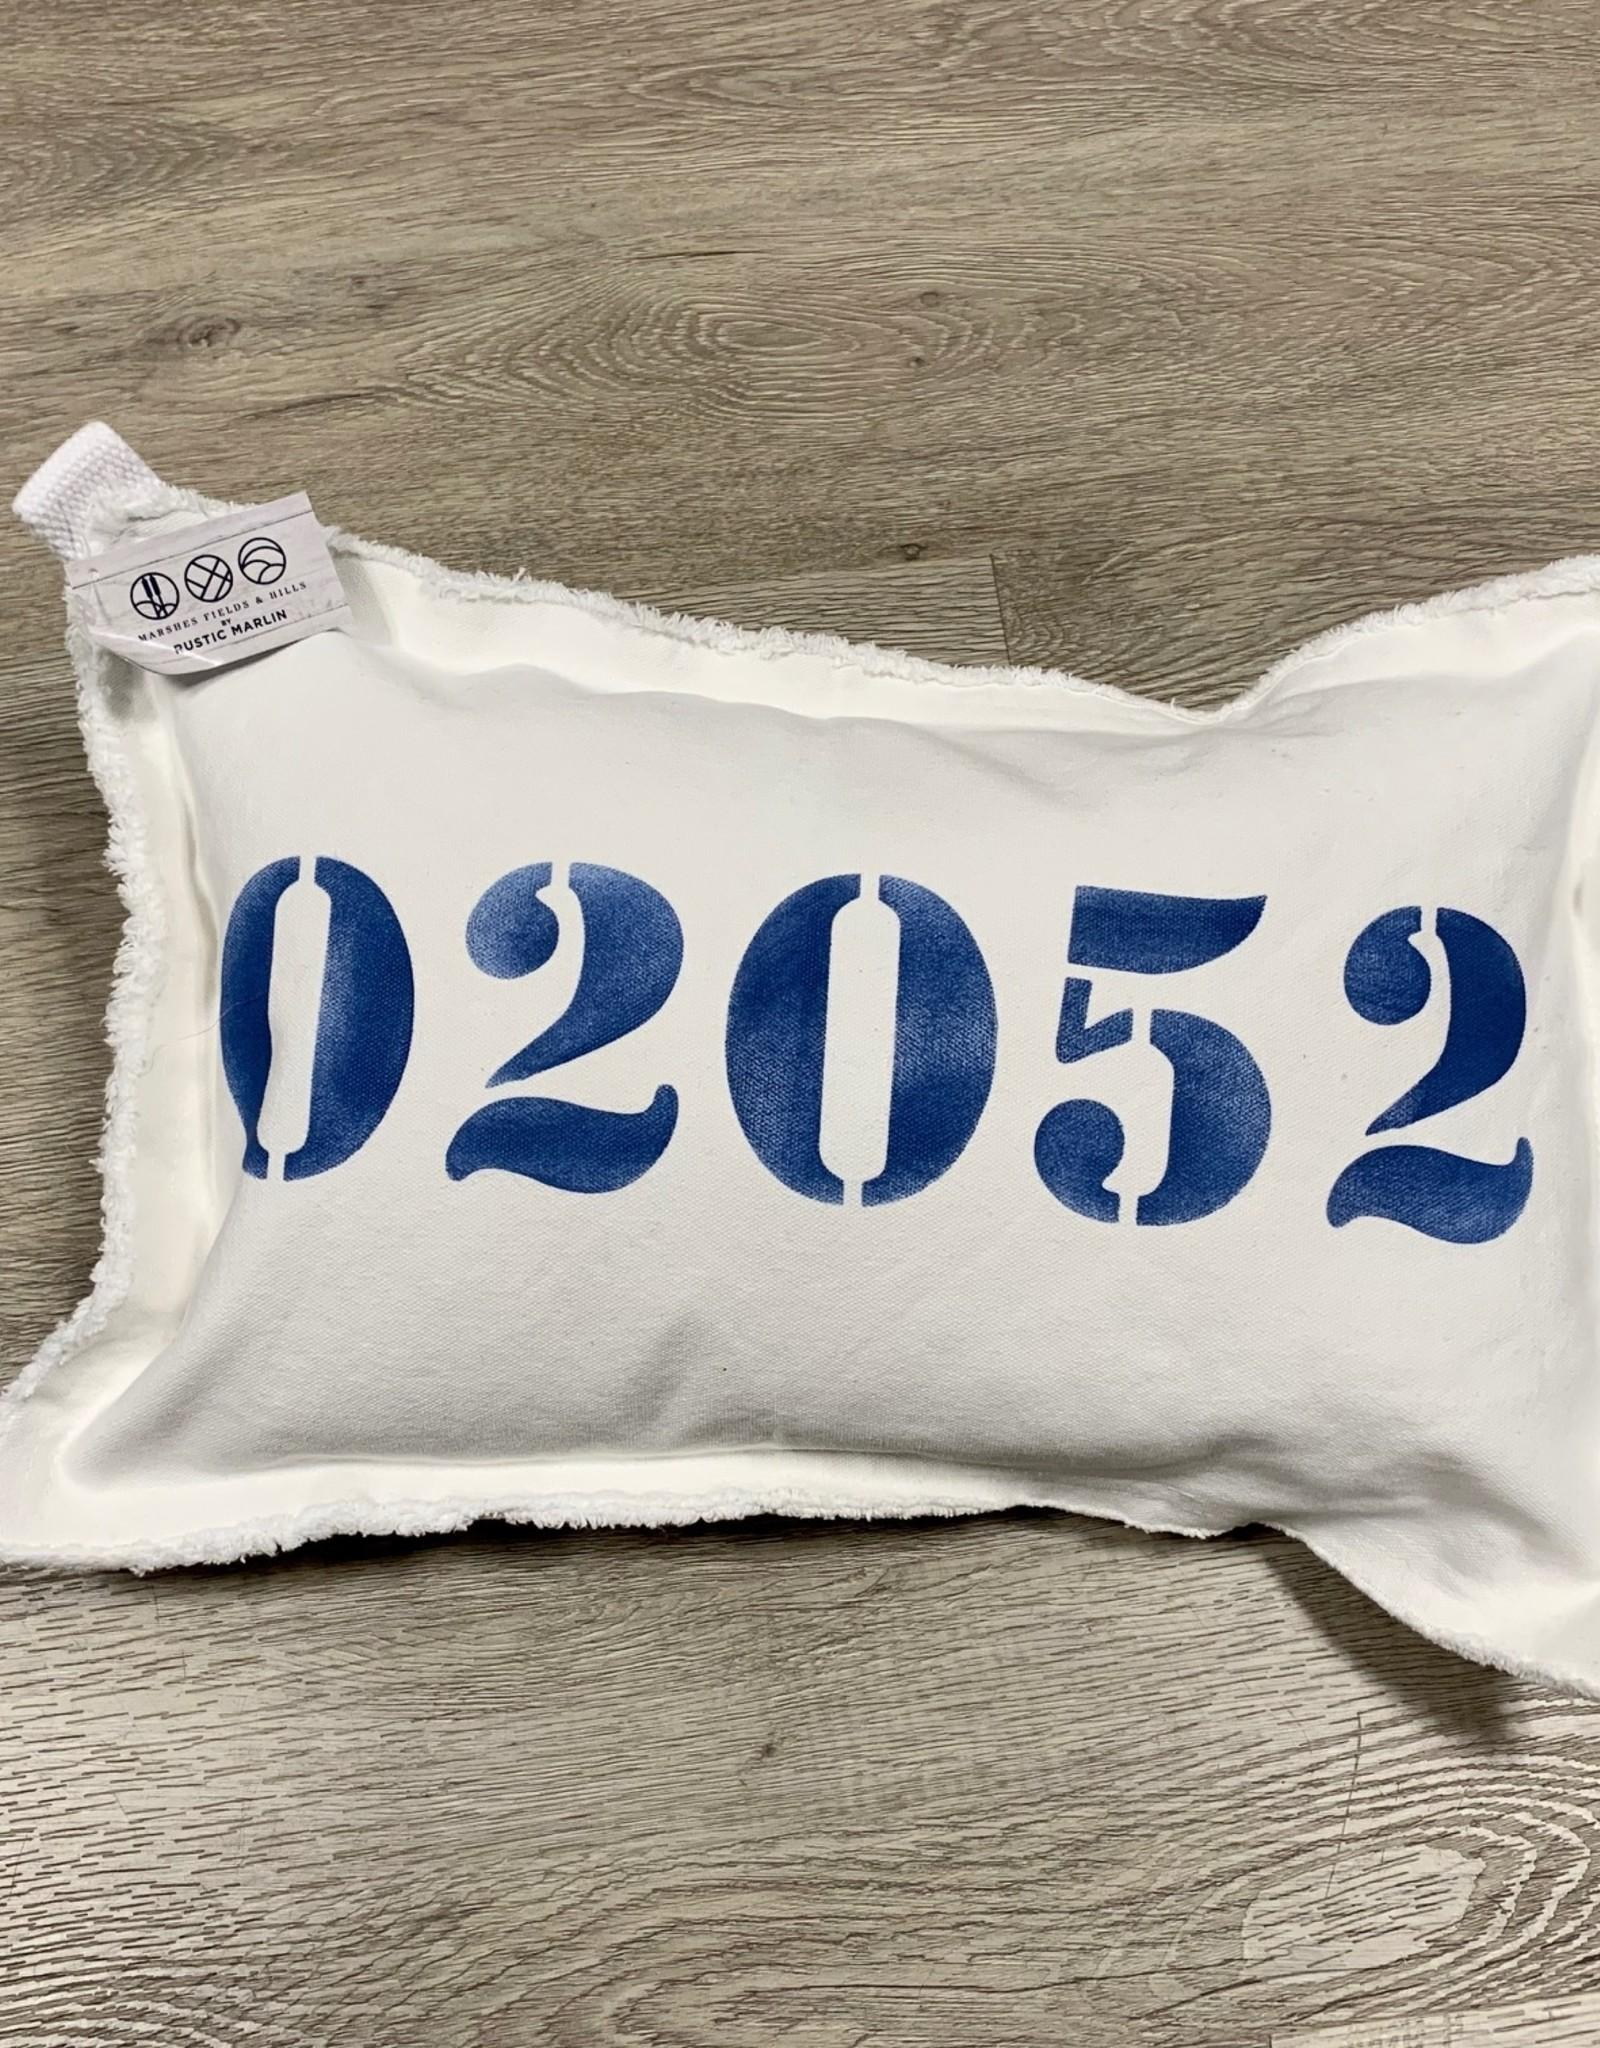 Marshes, Fields & Hills - 02052 12x18 Pillow